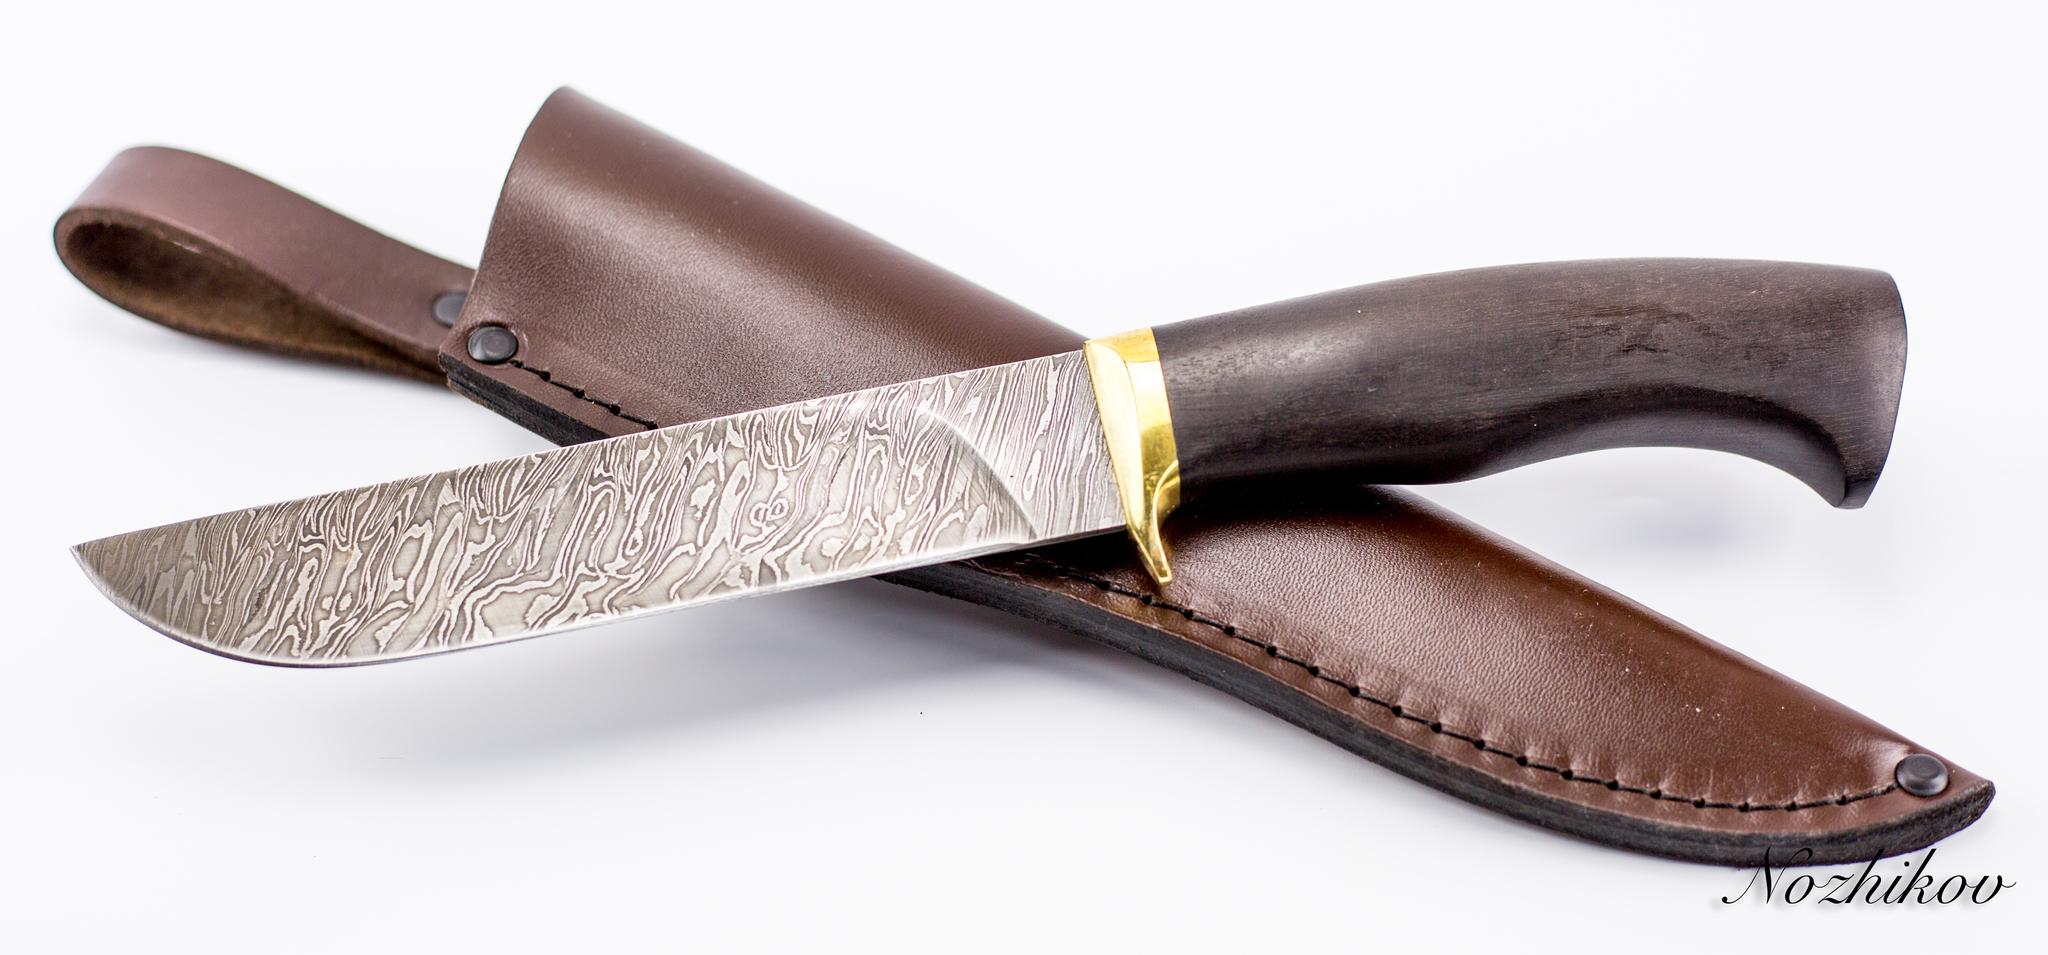 Фото 5 - Нож Лесник-2, сталь дамаск, граб от Промтехснаб